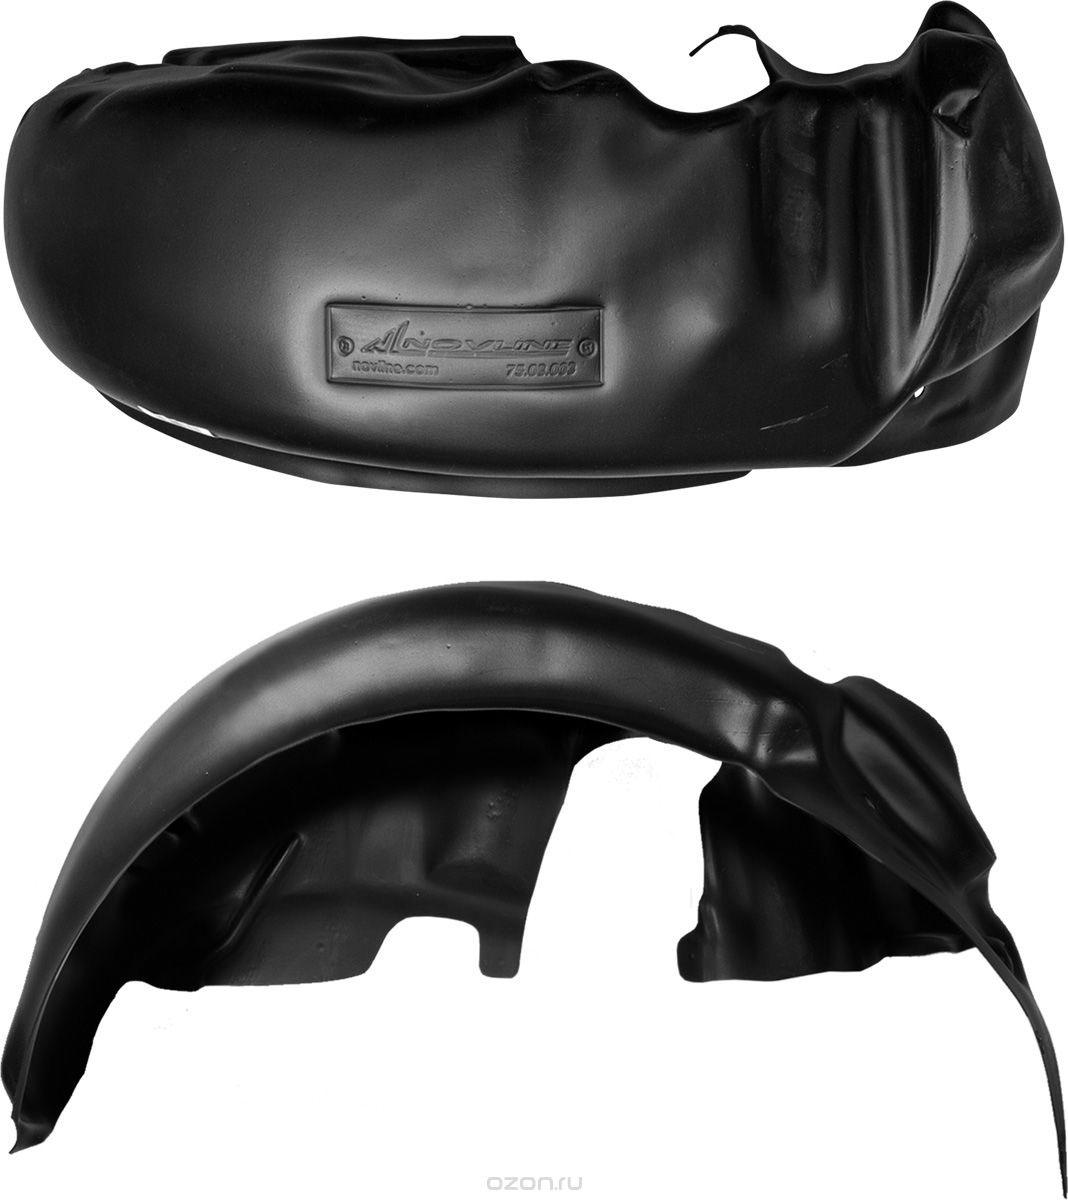 Подкрылок Novline-Autofamily, для MITSUBISHI L200 2007, 2010-2015 с расширителями арок, задний левый42803004Идеальная защита колесной ниши. Локеры разработаны с применением цифровых технологий, гарантируют максимальную повторяемость поверхности арки. Изделия устанавливаются без нарушения лакокрасочного покрытия автомобиля, каждый подкрылок комплектуется крепежом. Уважаемые клиенты, обращаем ваше внимание, что фотографии на подкрылки универсальные и не отражают реальную форму изделия. При этом само изделие идет точно под размер указанного автомобиля.